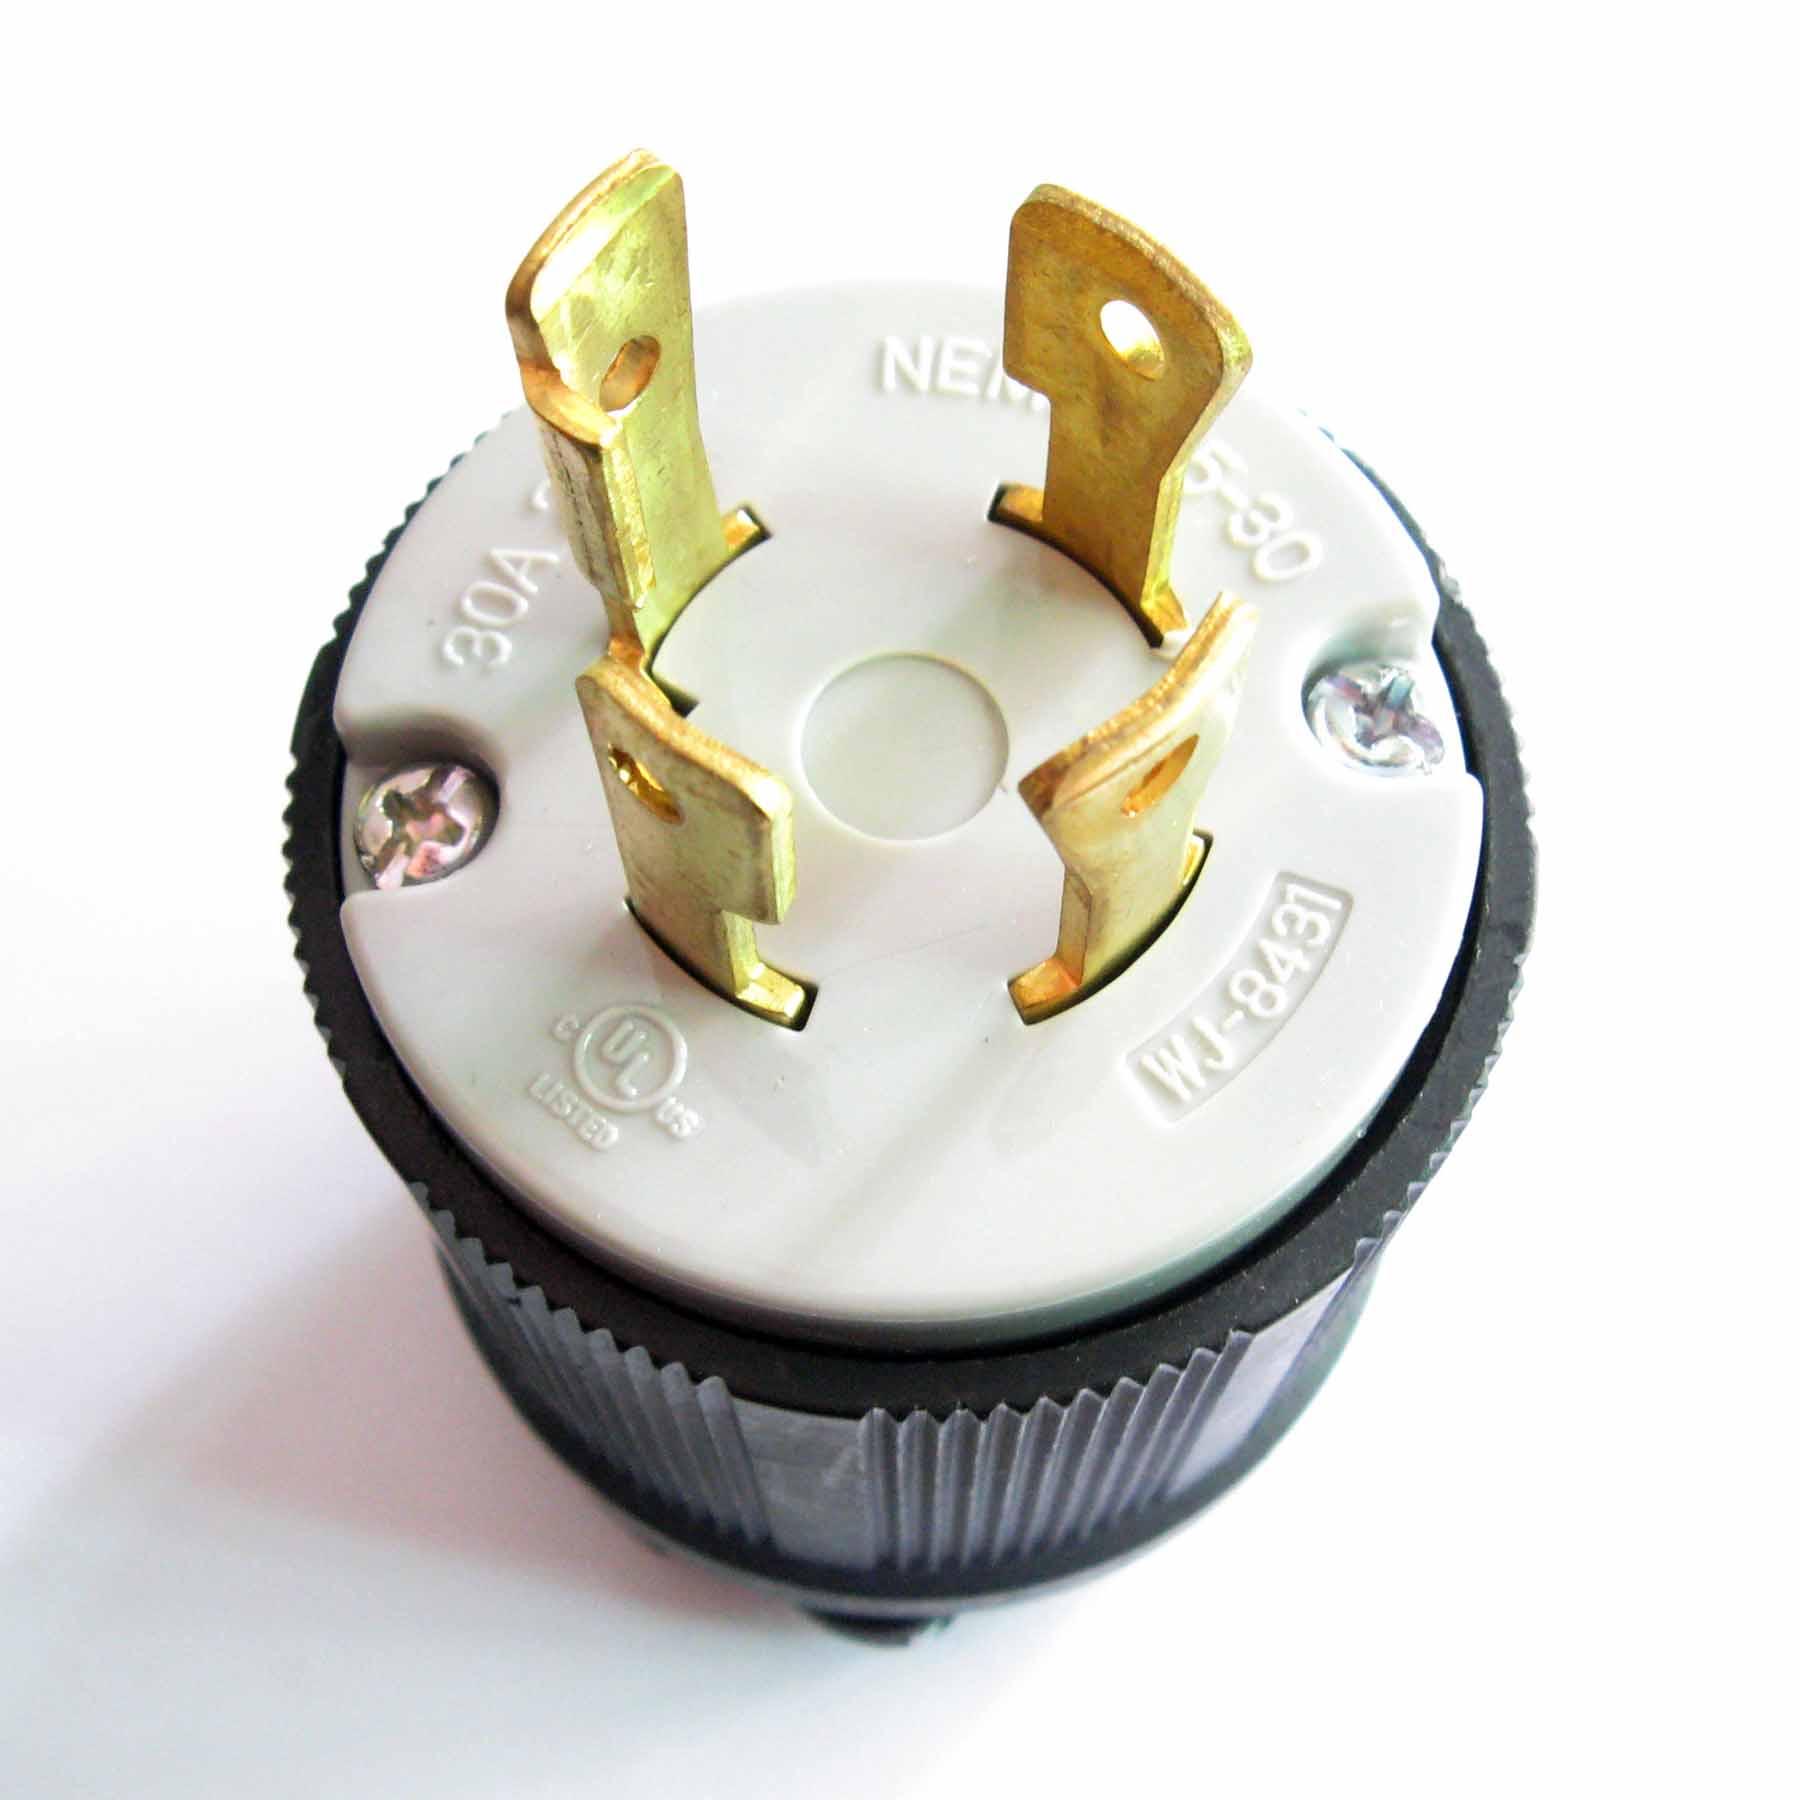 是否提供加工定制 是 品牌 OYLMPIA 型号 WJ-8431 额定电压 250(V) 额定电流 30(A) 电源频率 50/60(HZ) 绝缘电阻 /() 耐压强度 2500(V/min) 产品认证 UL 适用范围 工业/商业/延长线/舞台灯饰 可接线材 8/12 AWG 材质 PC + Nylon 品牌 OYLMPIA 型号 WJ-8431 额定电压 250(V) 额定电流 30(A) 电源频率 50/60(HZ) 绝缘电阻 /() 耐压强度 2500(V/min) 产品认证 UL 适用范围 工业/